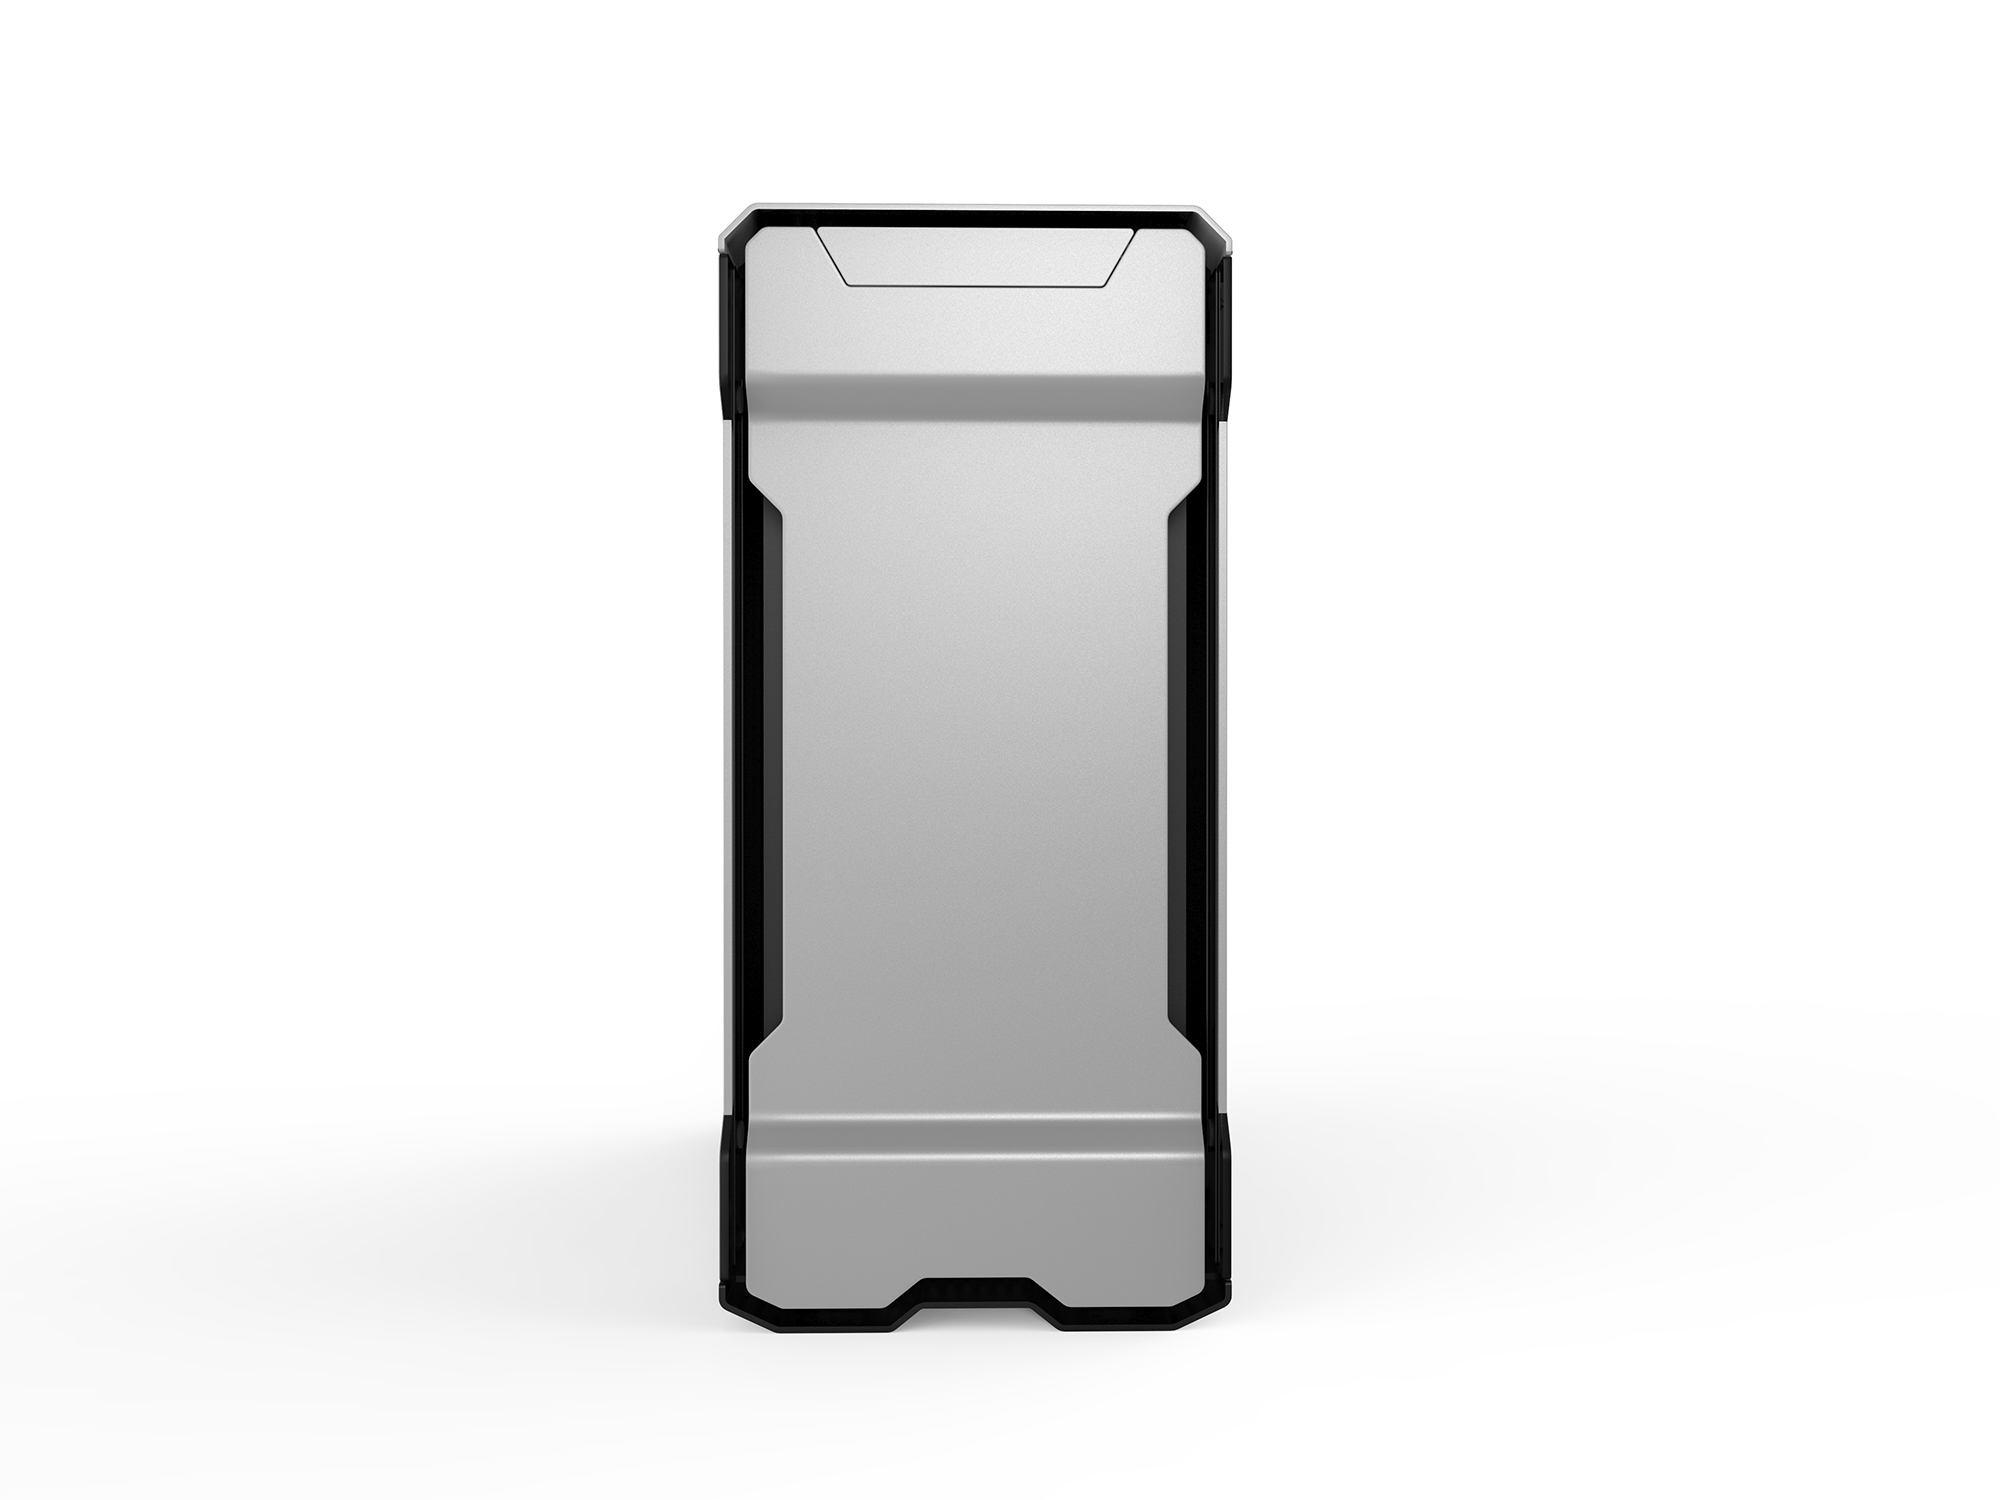 Phanteks PH-ES518XTG_DGS01 - Phanteks Evolv X Midi-Tower Silver